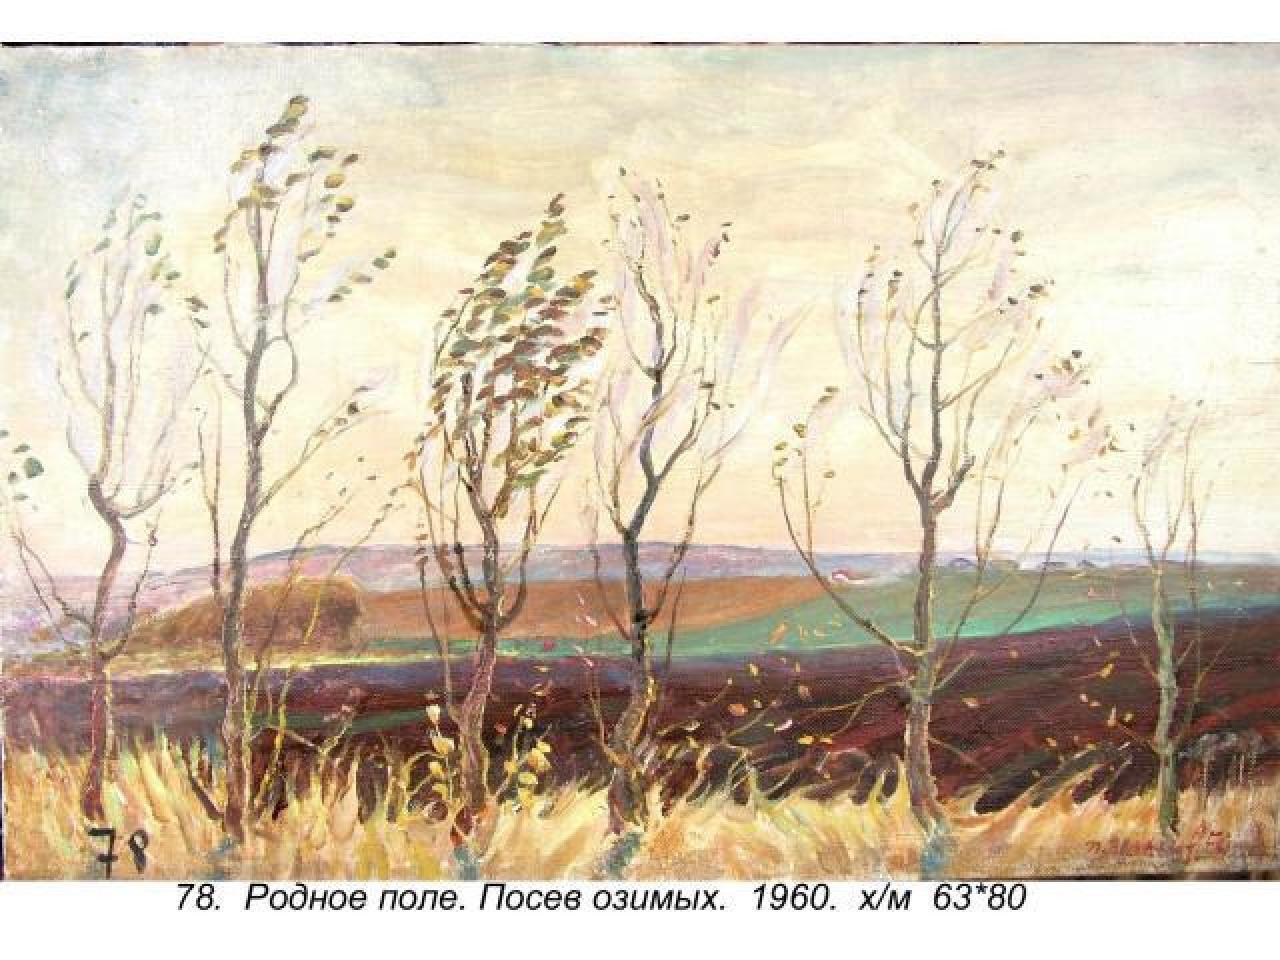 продам живописные картины соцреализма (более 500 шт.) Мальцева П,Н, - 6